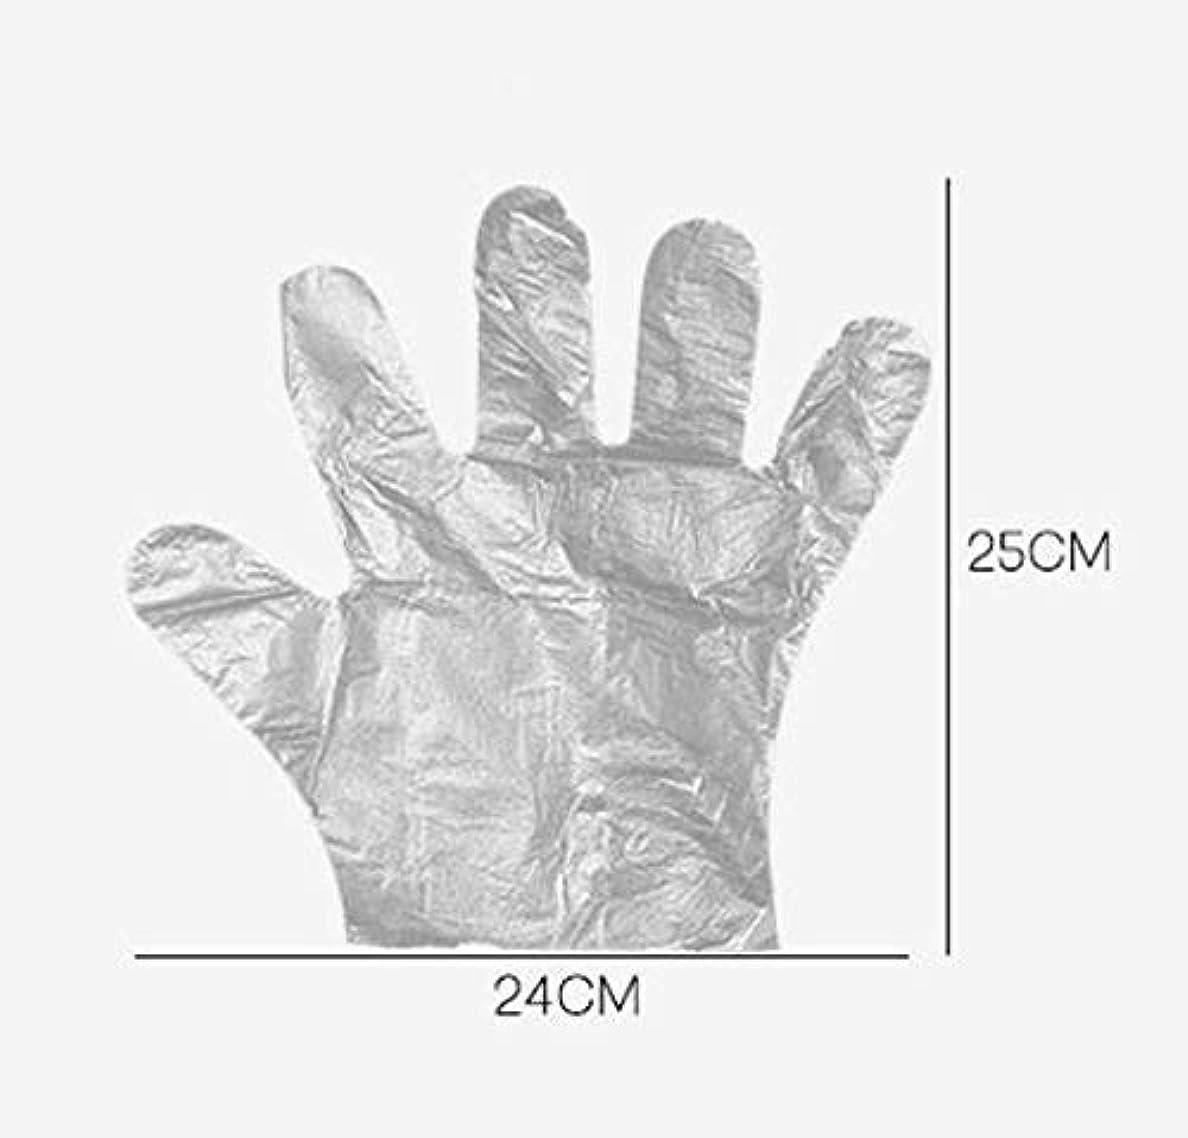 明確な湿原ユーモラスHJ ポリ手袋 使い捨て手袋 ポリエチレン使い切り手袋 極薄い 使い切り手袋 透明手袋 耐油 防水 介護 トイレ掃除 左右兼用 手荒れを防ぎ 素手 薄いタイプ (1000ペアセット)